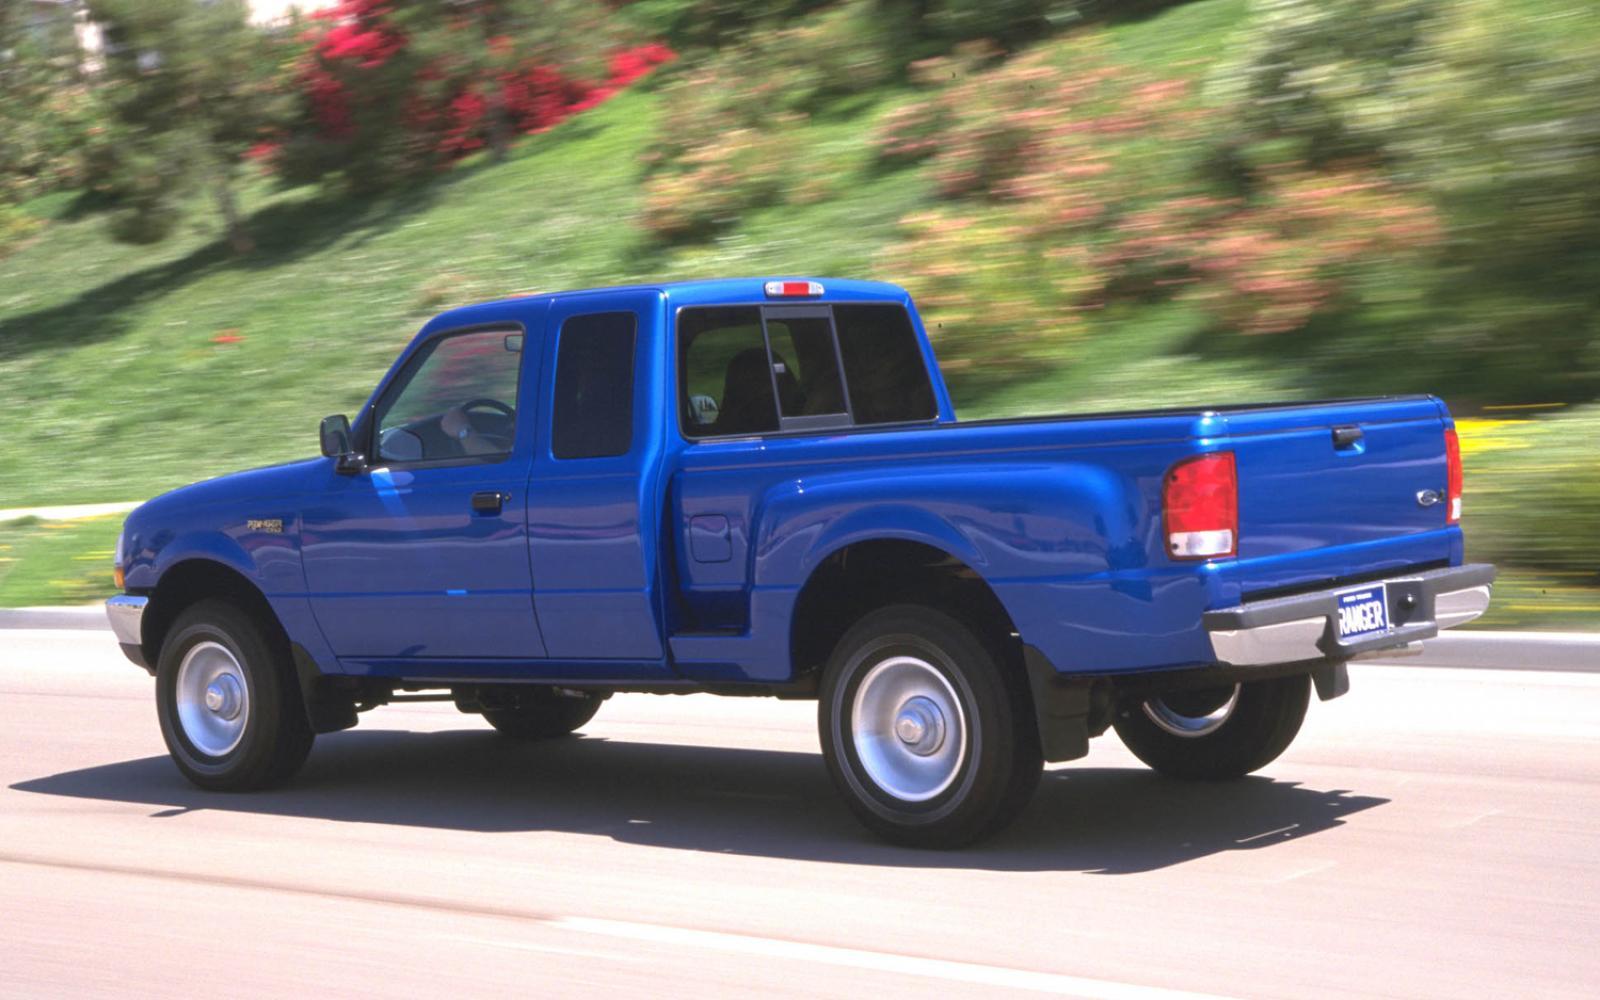 800 1024 1280 1600 origin 2000 ford ranger